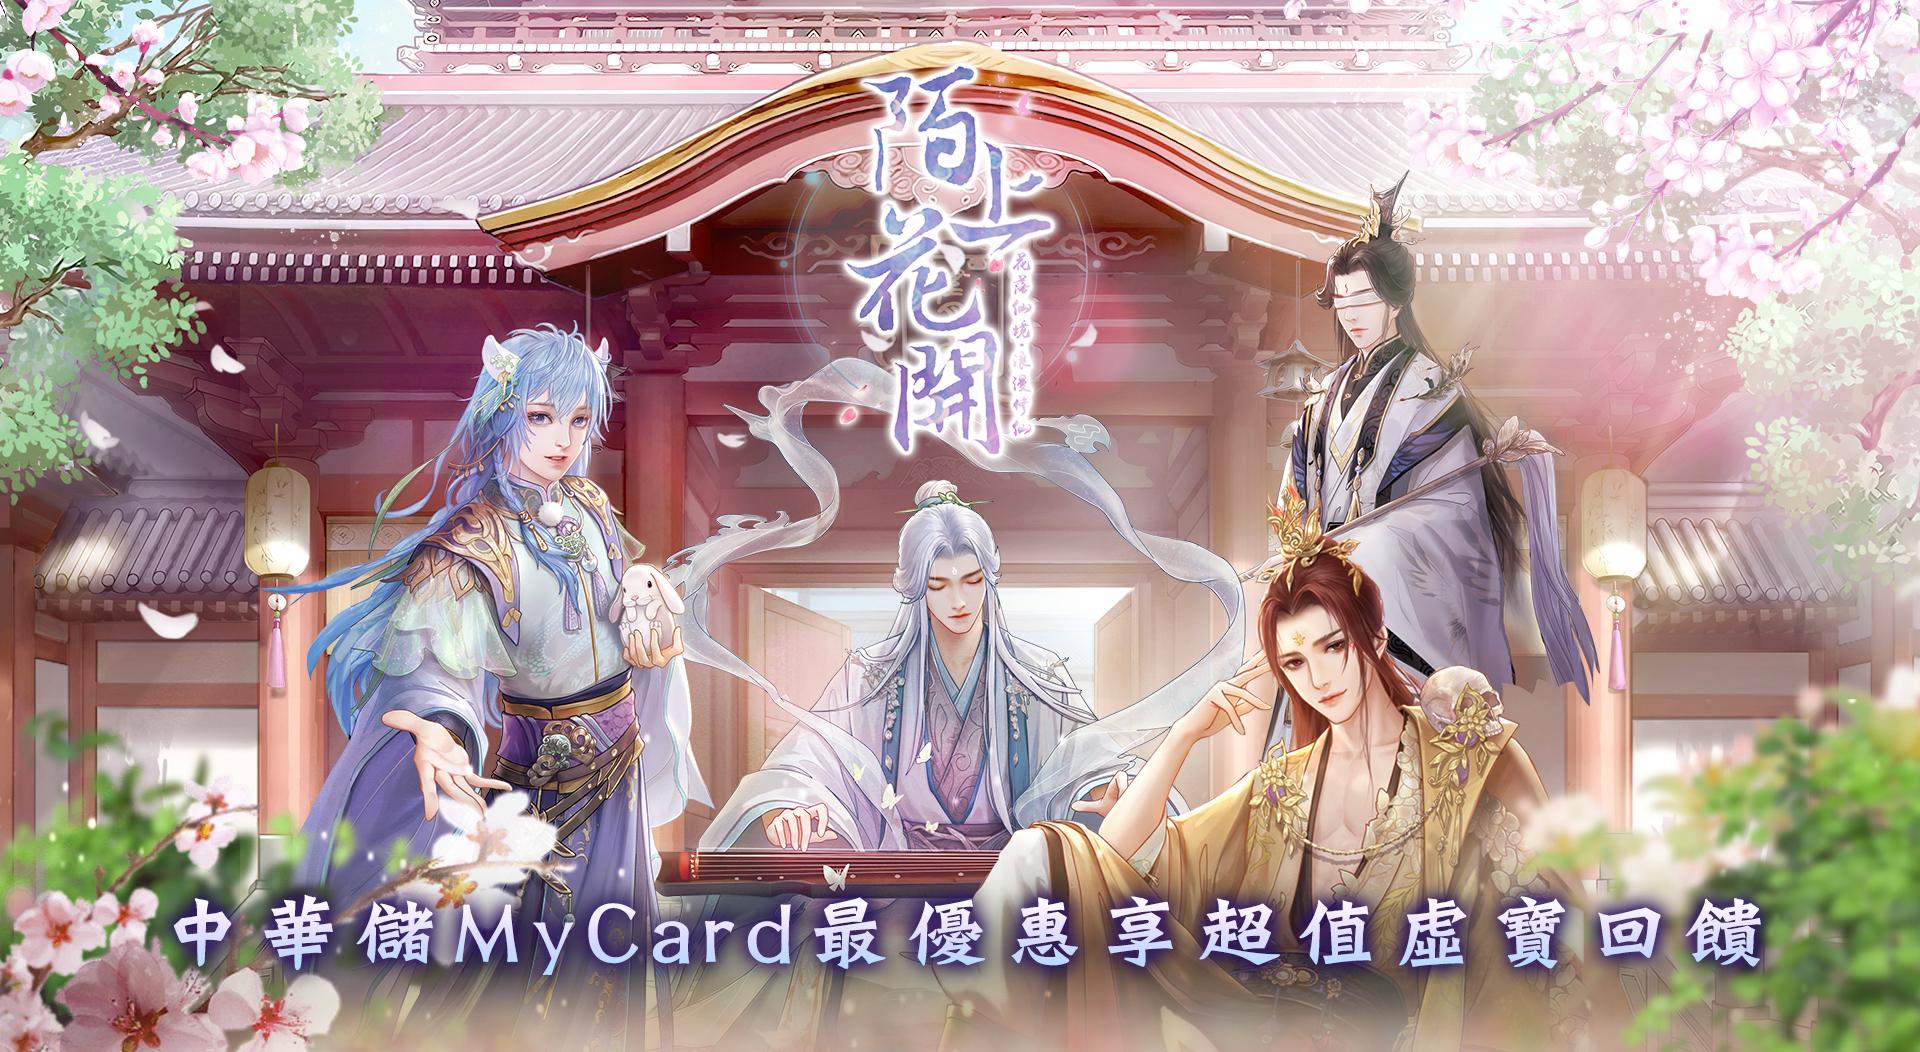 《陌上花開》MyCard儲值享超值好禮回饋 │ 中華電信